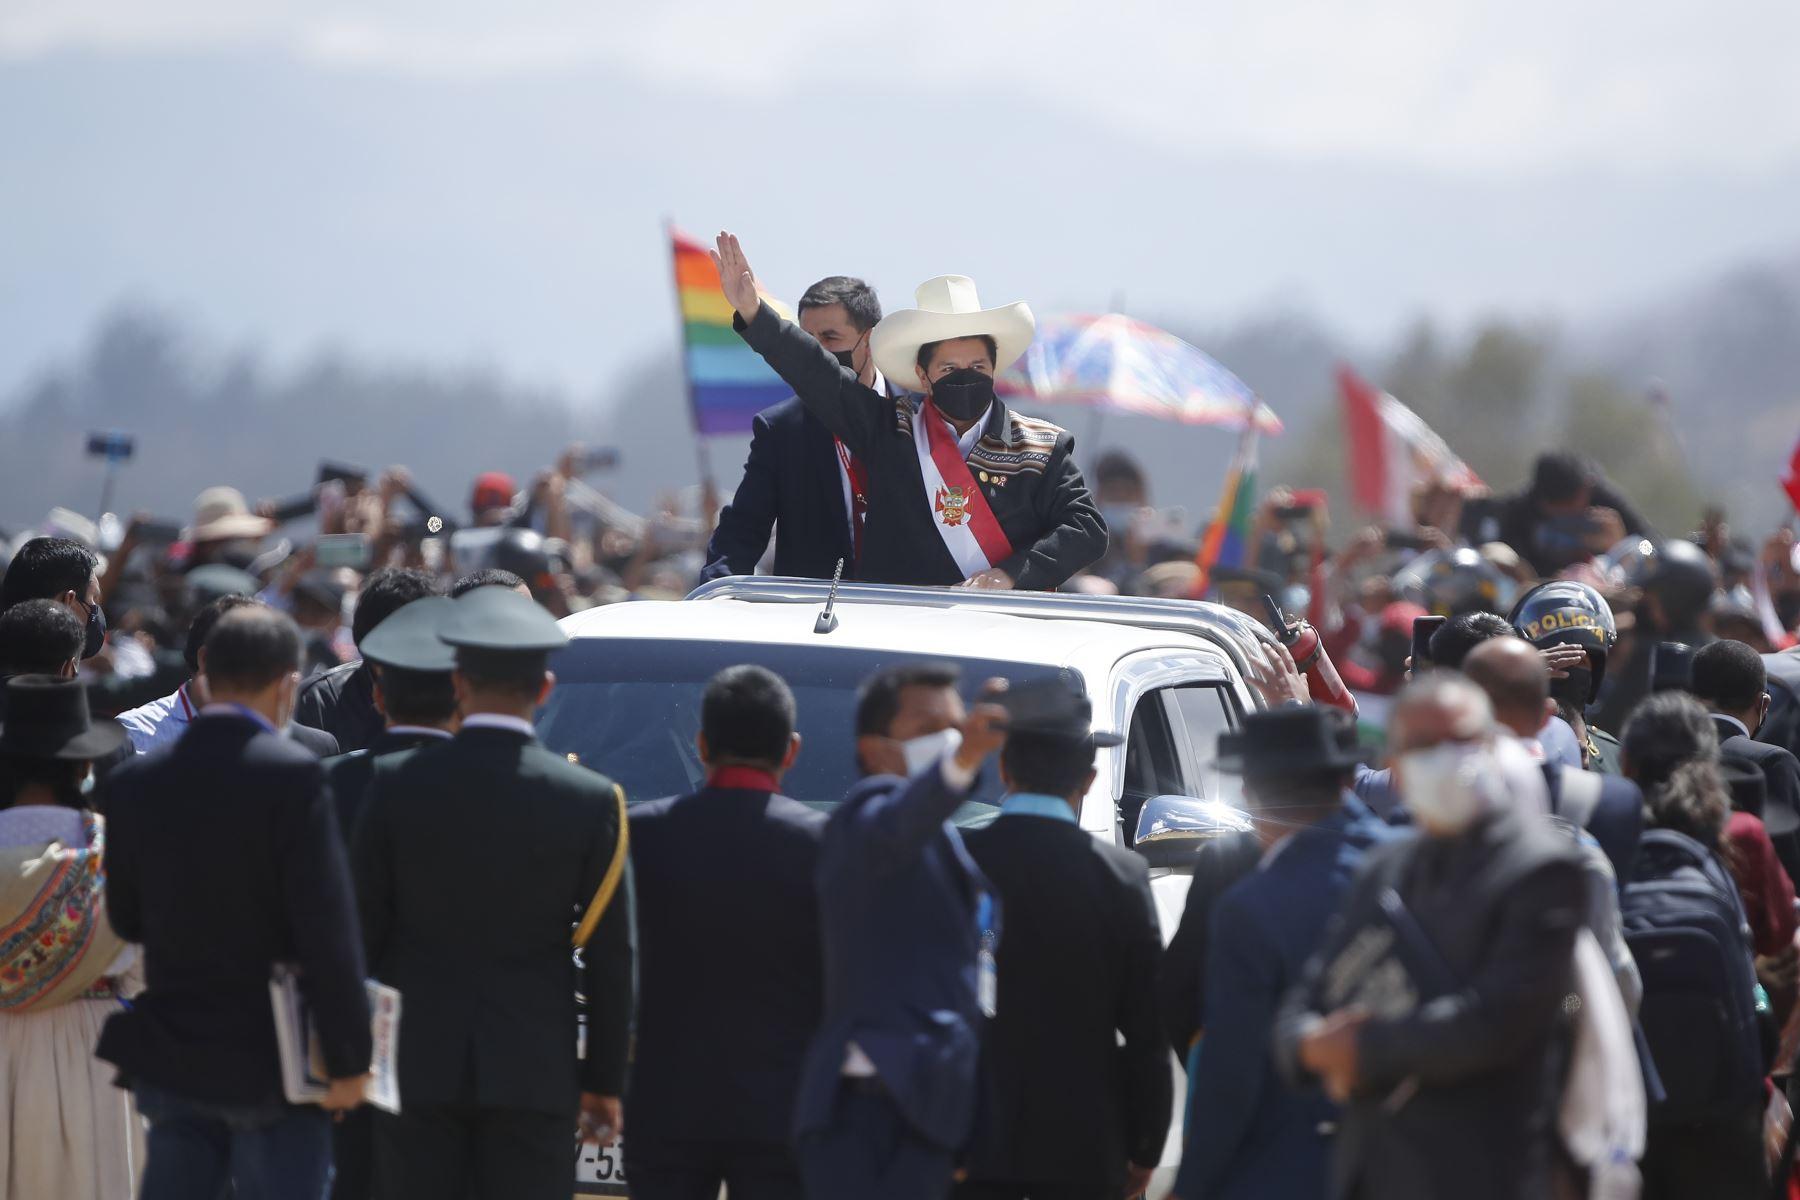 El presidente de la República, Pedro Castillo, encabeza la ceremonia de juramentación simbólica en la Pampa de la Quinua, ciudad de Ayacucho. Foto: ANDINA/Juan Carlos Guzmán